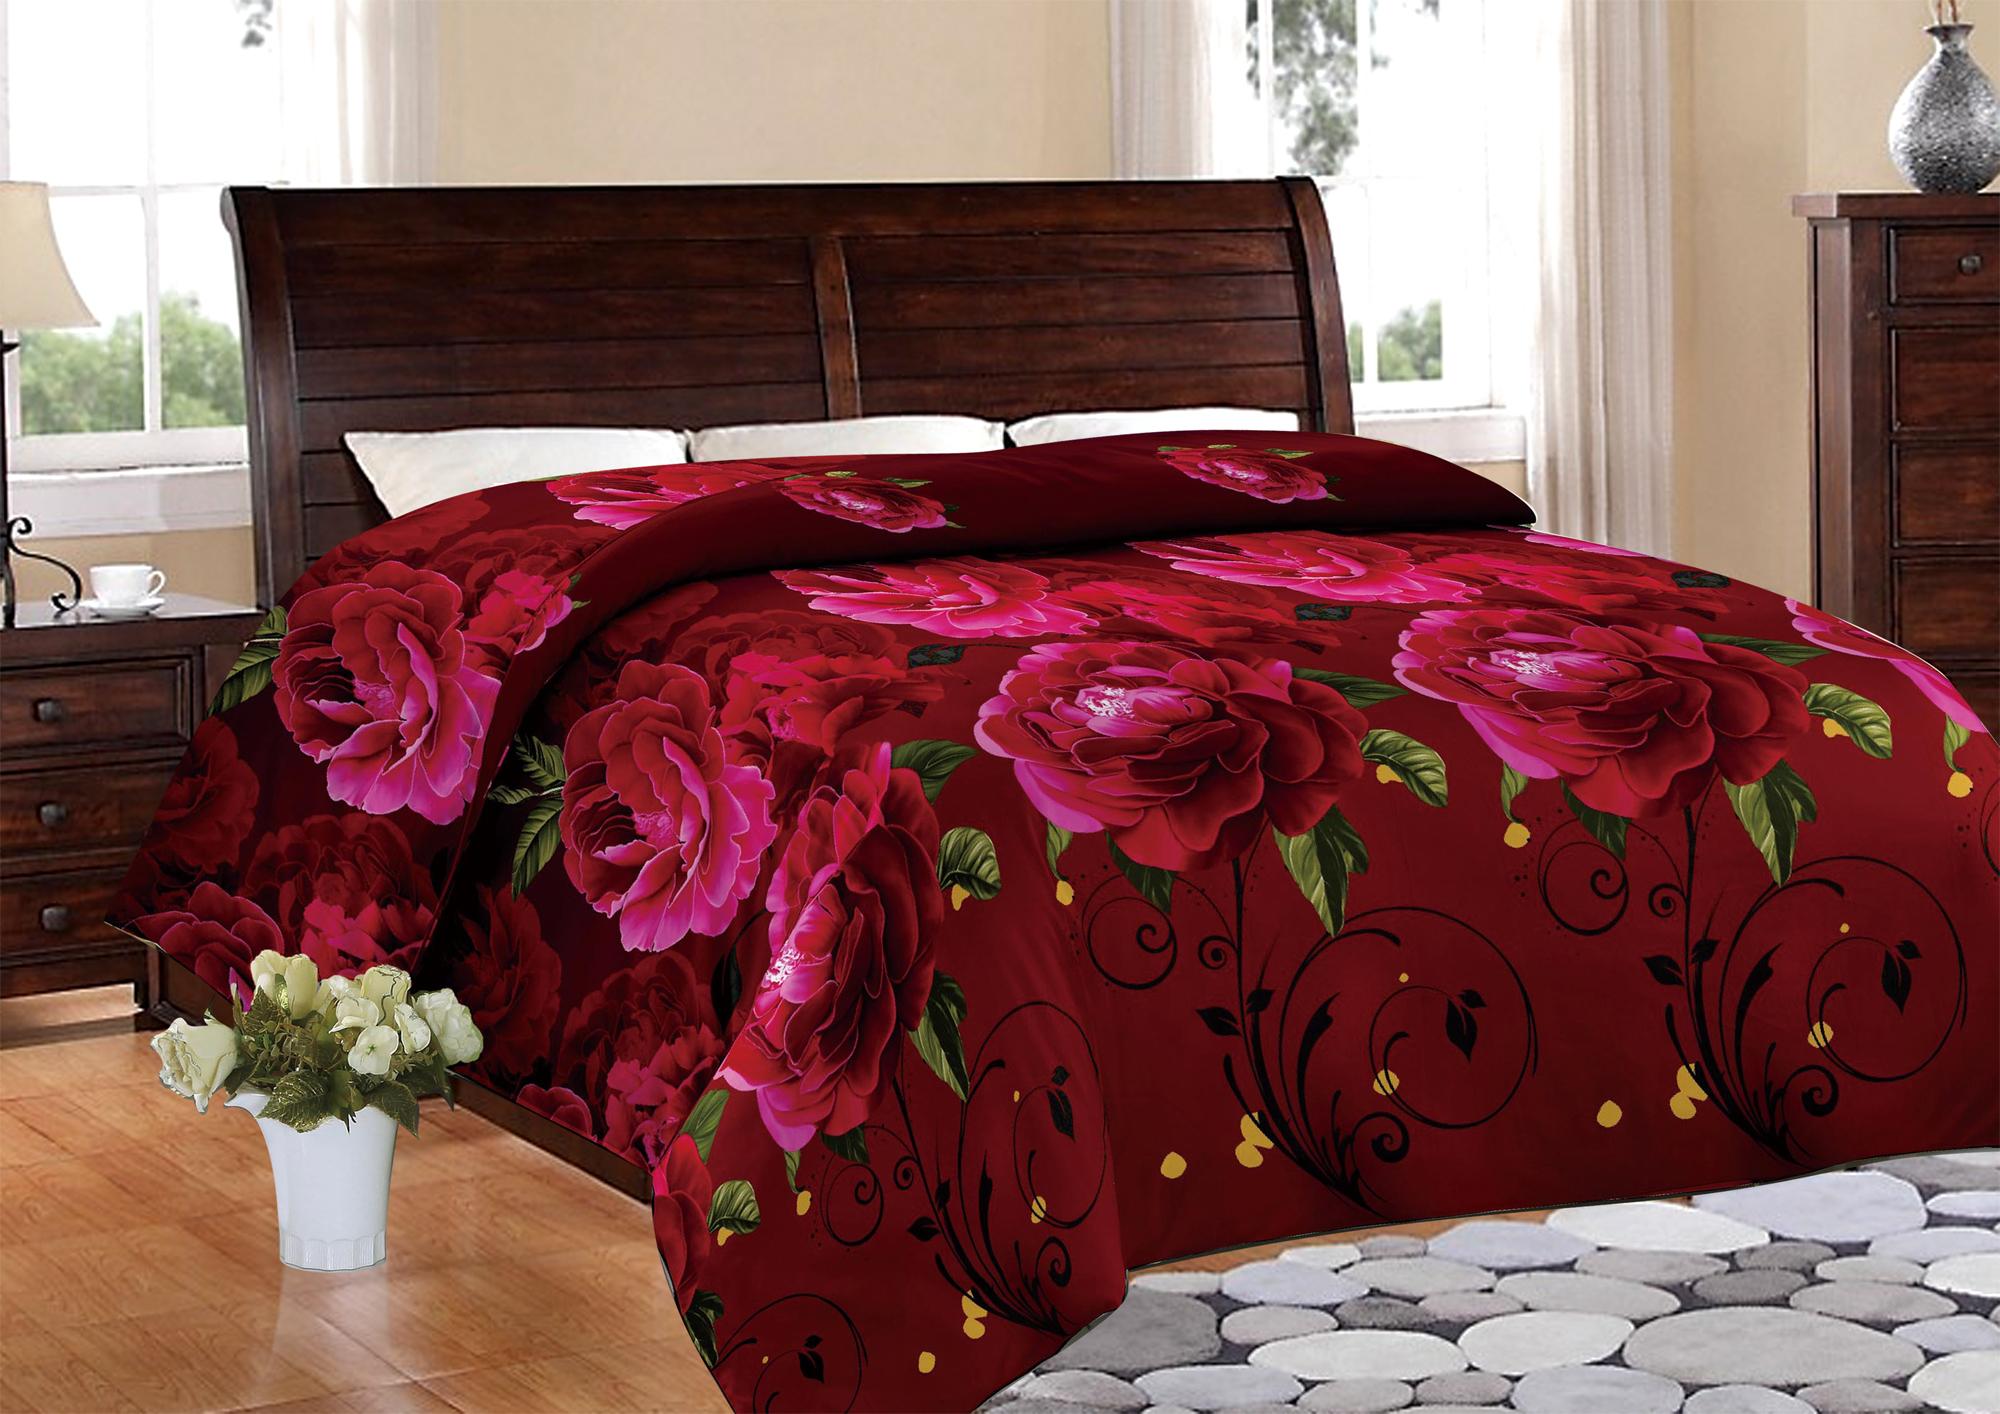 Покрывало Amore Mio Покрывало Shiraz (200х220 см) amore mio flash